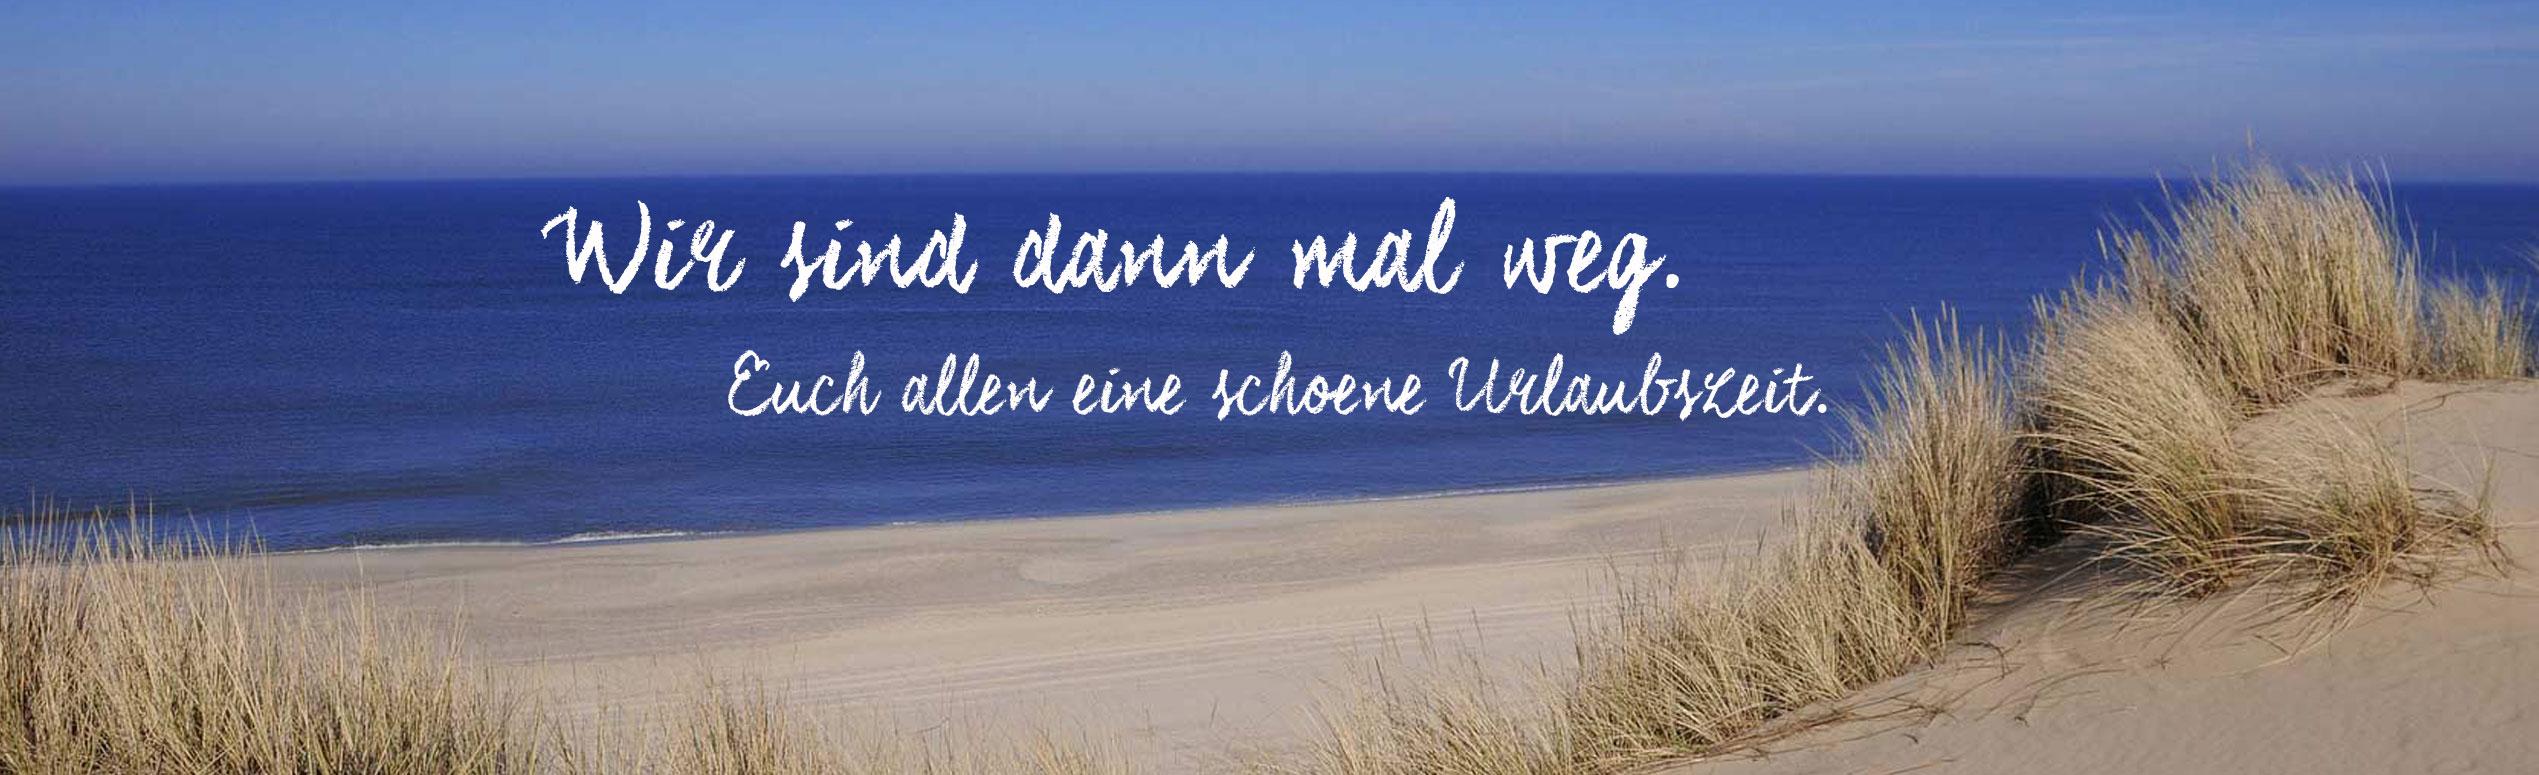 Web_Banner_1904x581px_Sommerurlaub_2016